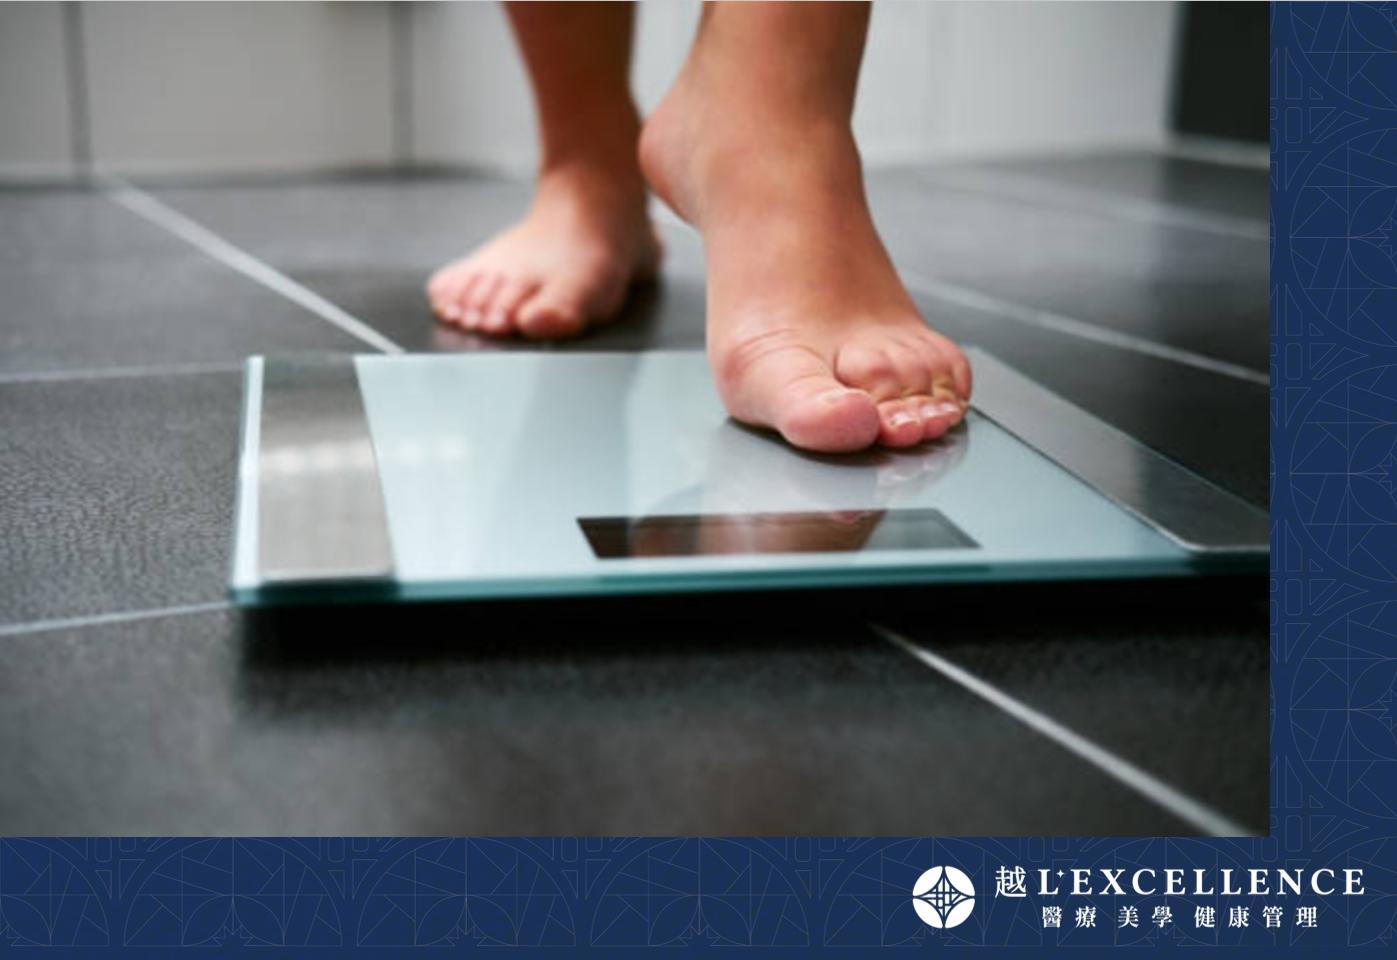 肥胖而出現三高疾病時,是否該好好順著自己的生理時鐘